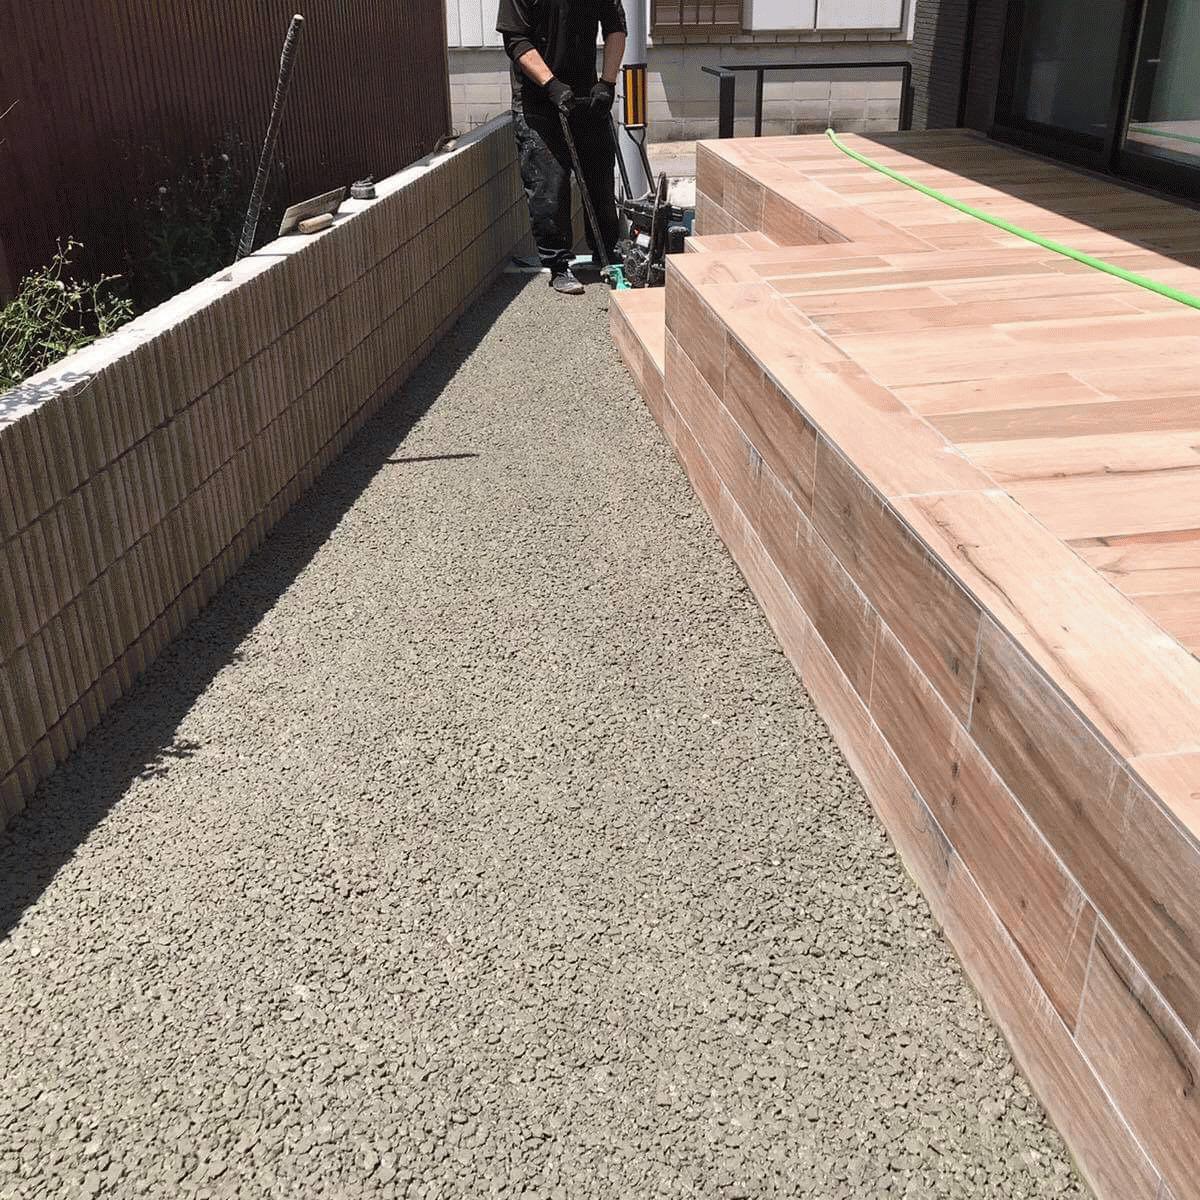 【愛知】「人工芝、雑草、排水、不陸(凹凸)を考えれば一択」ハウジングセンターミウラ・毛受建材